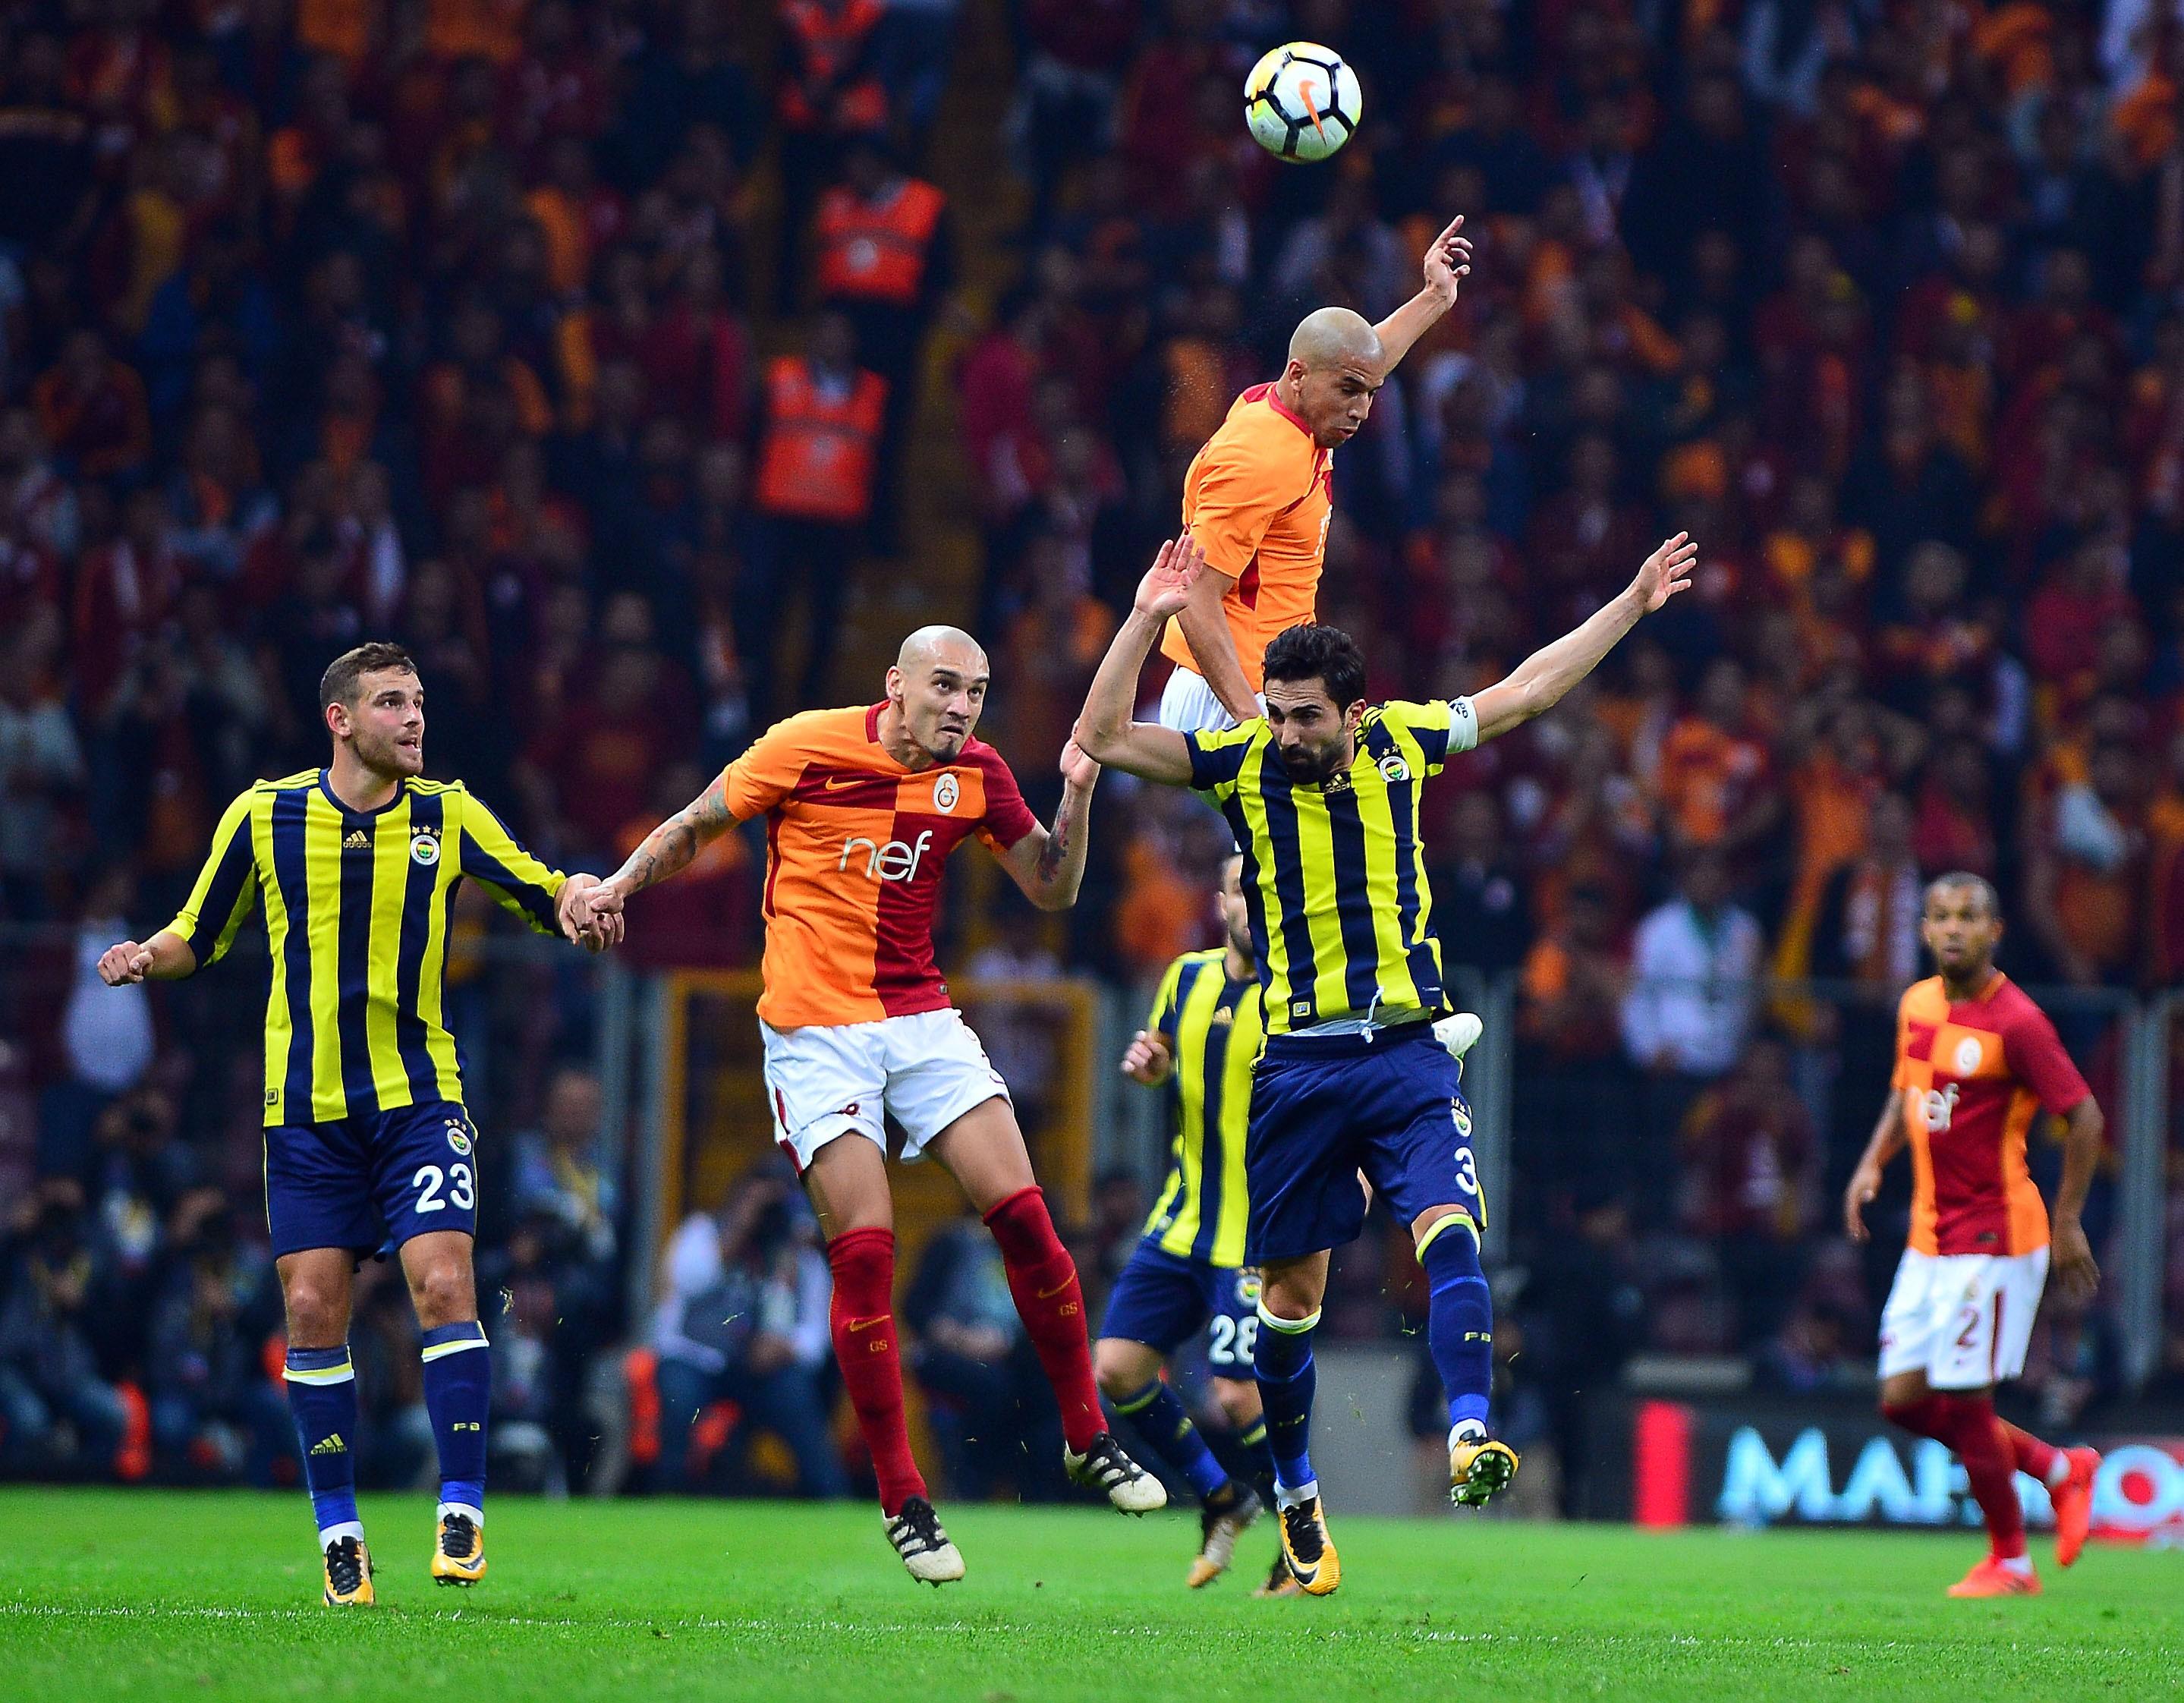 'Galatasaray'ın yan top zaafını Fenerbahçe değerlendirebilir'